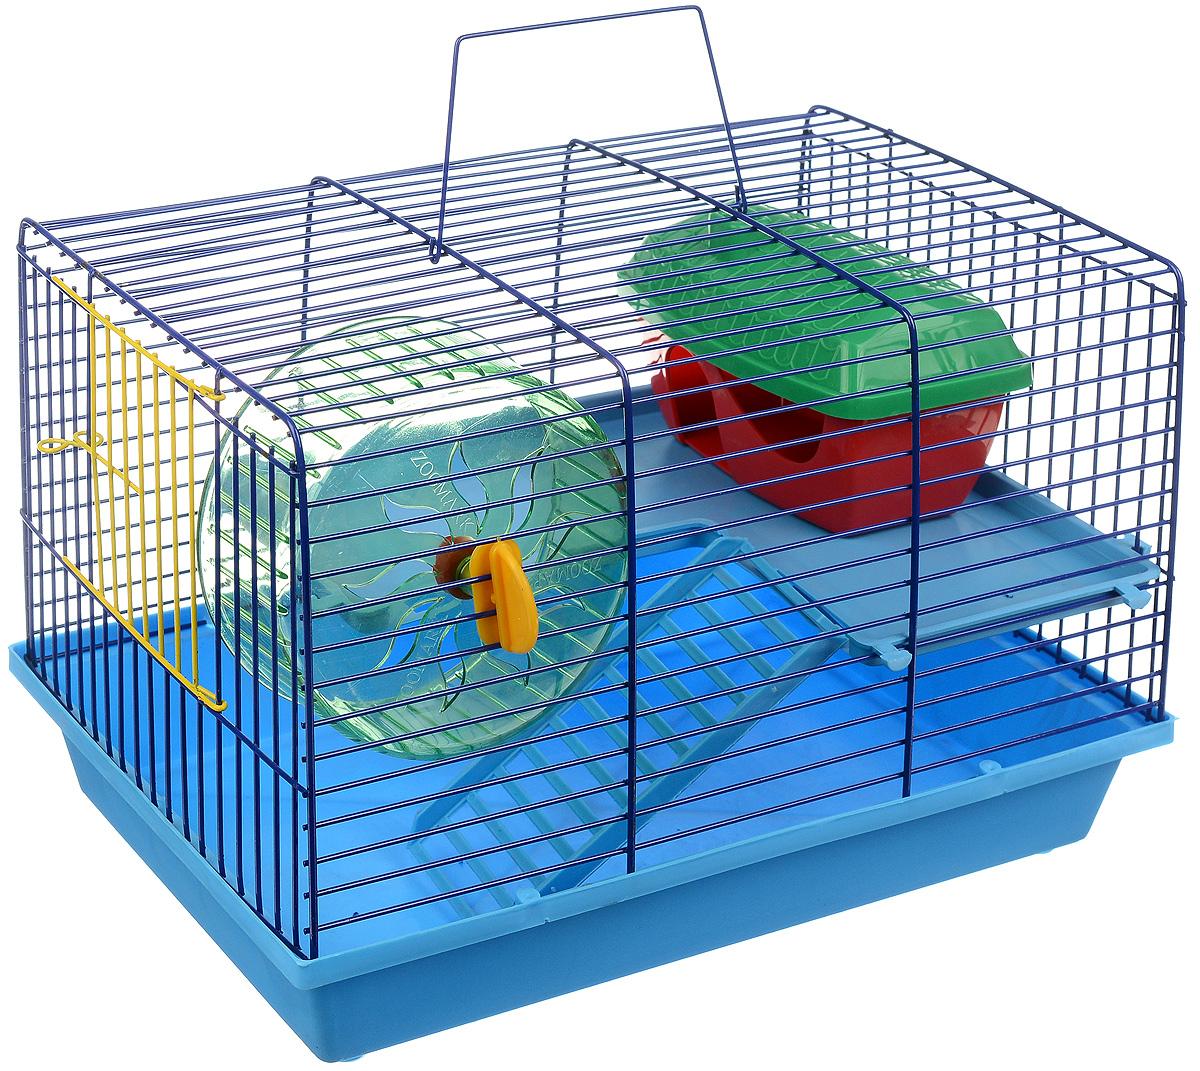 Клетка для грызунов ЗооМарк, 2-этажная, цвет: голубой поддон, синяя решетка, 36 х 23 х 24 см125_голубой, синийКлетка ЗооМарк, выполненная из полипропилена и металла, подходит для мелких грызунов. Изделие двухэтажное, оборудовано лестницей, колесом для подвижных игр и пластиковым домиком. Клетка имеет яркий поддон, удобна в использовании и легко чистится. Сверху имеется ручка для переноски. Такая клетка станет уединенным личным пространством и уютным домиком для маленького грызуна.